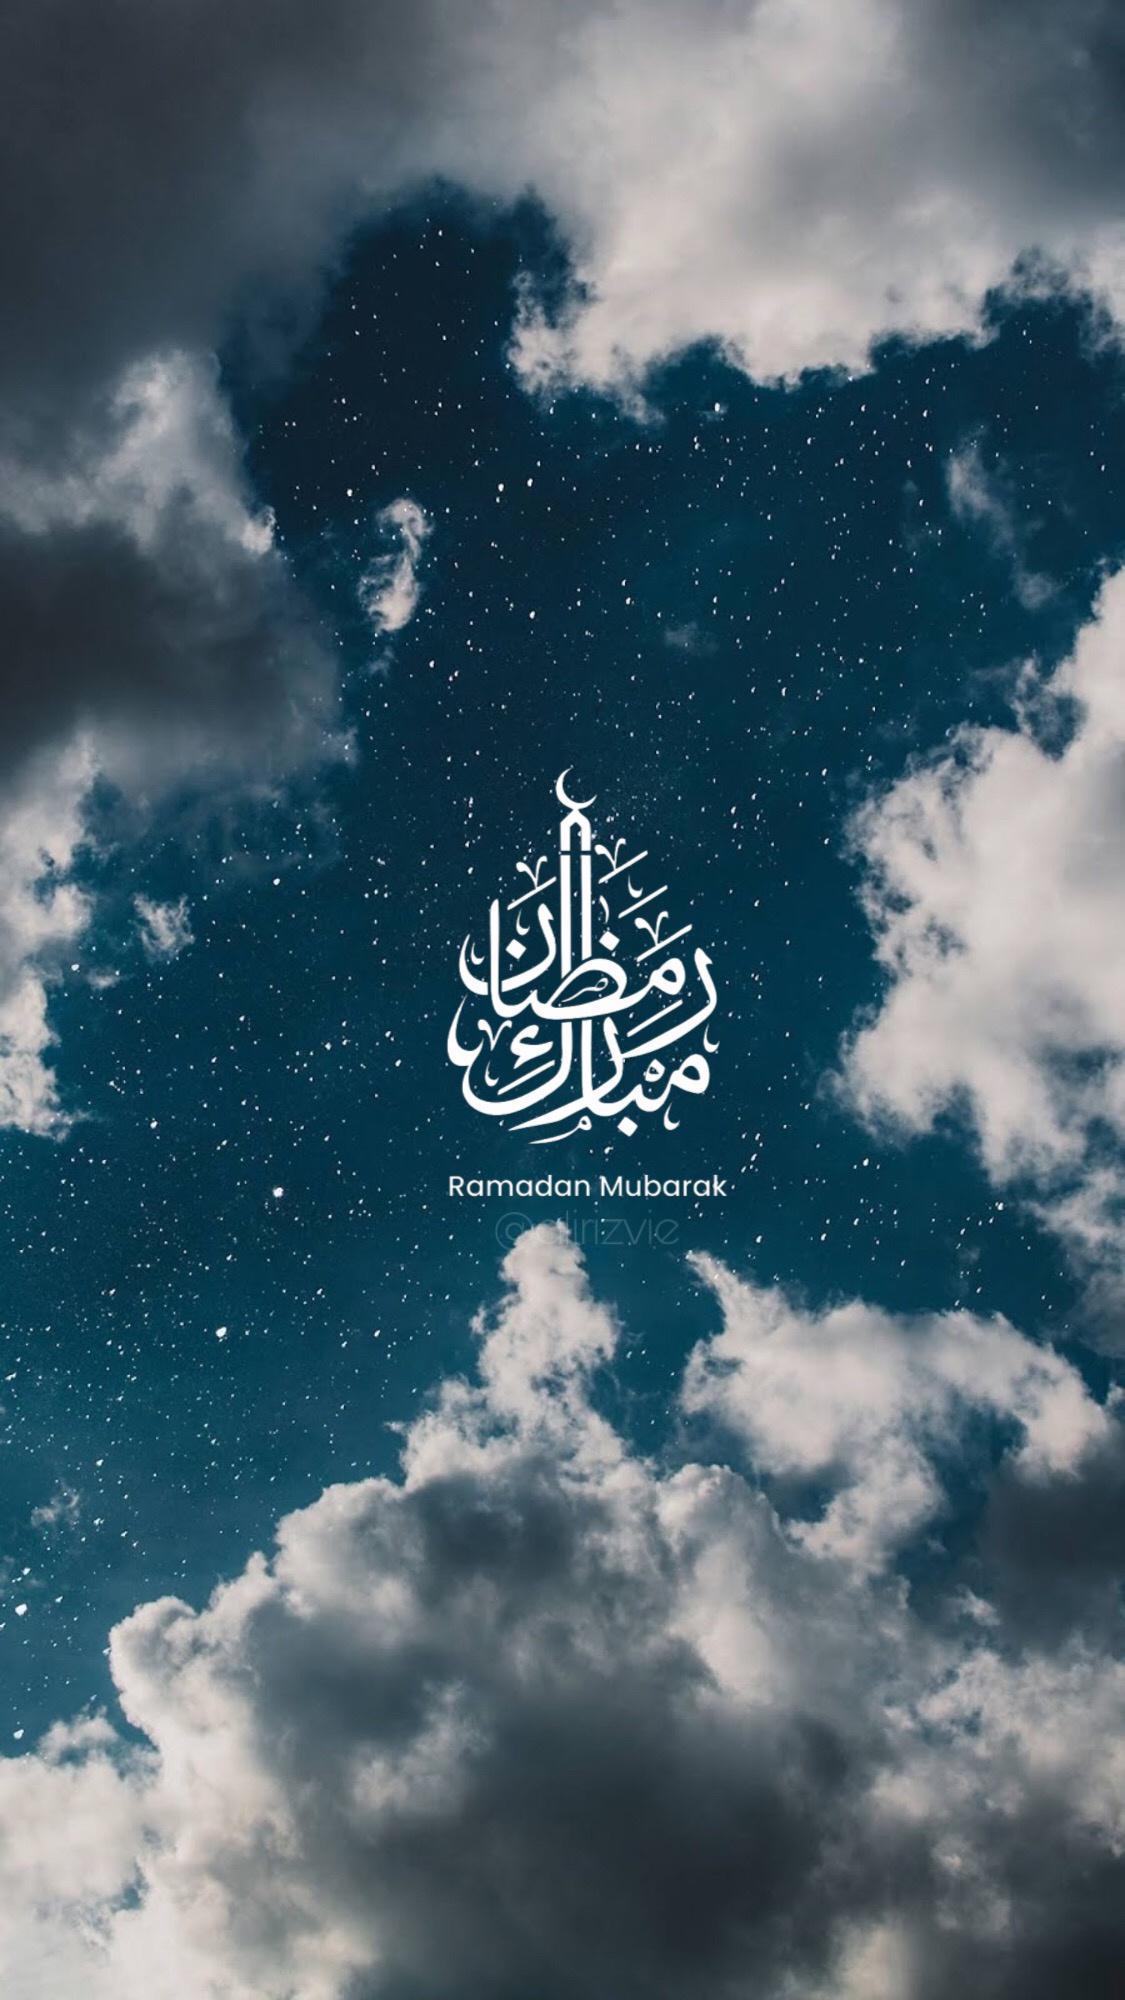 عکس زمینه ماه رمضان مبارک آسمانی پس زمینه